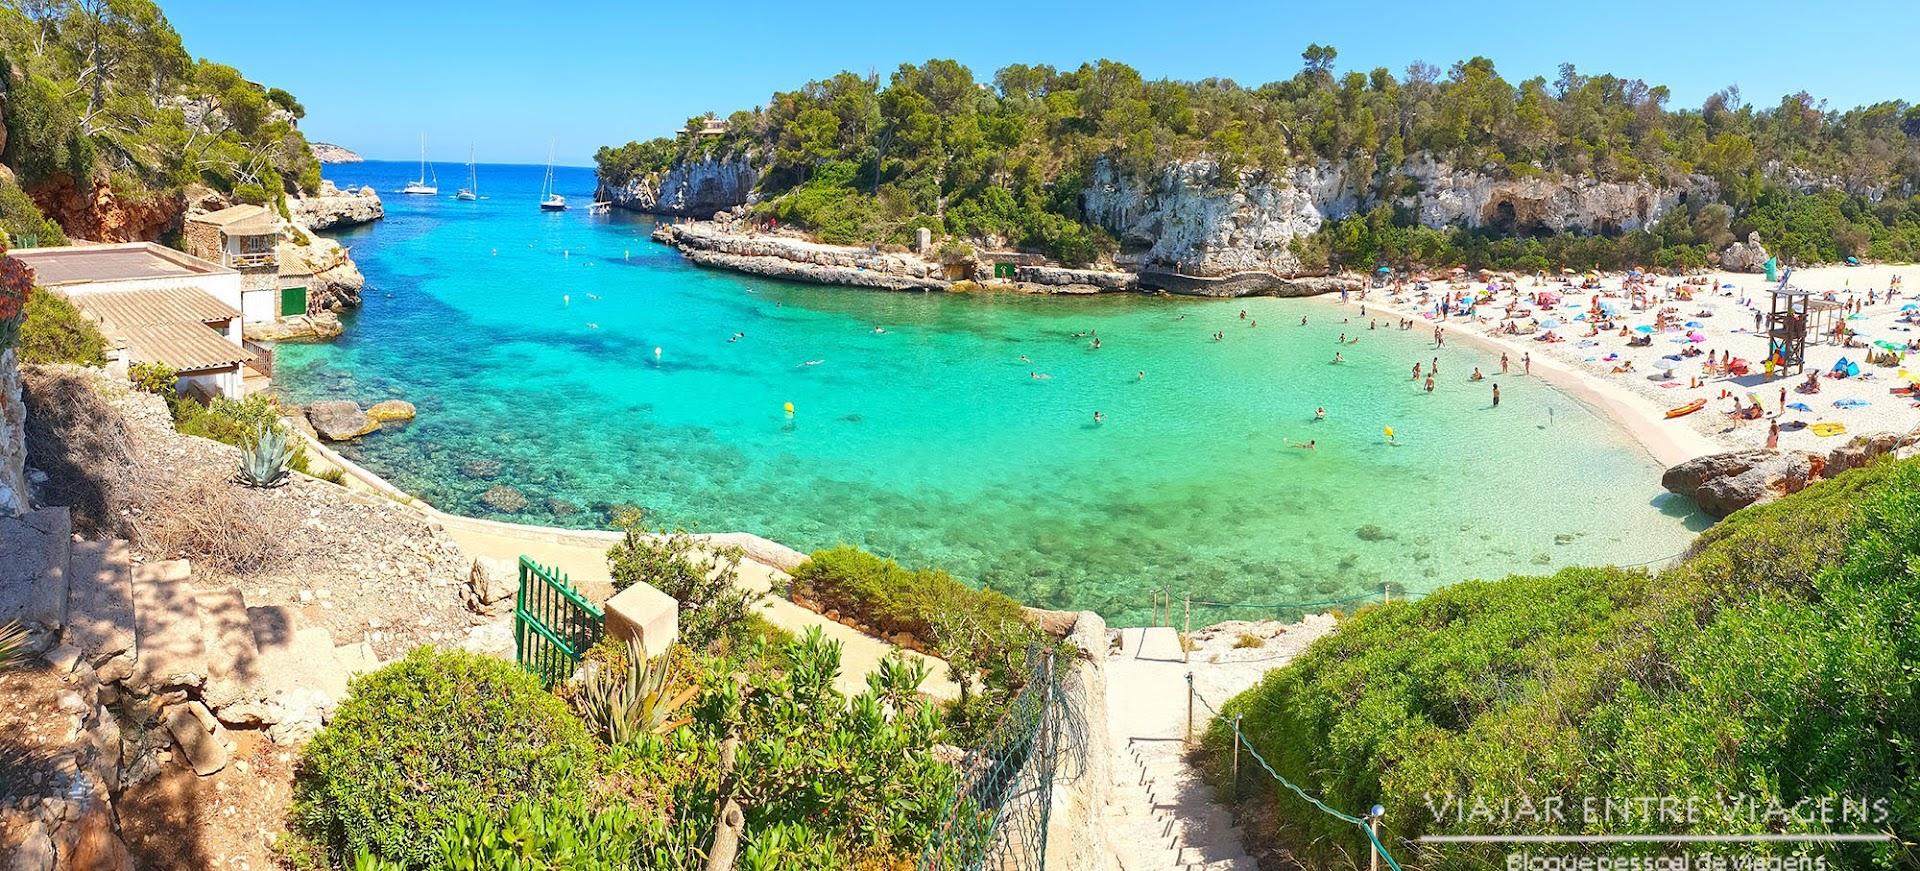 Aproveitar a praia em Cala Llombards em Maiorca